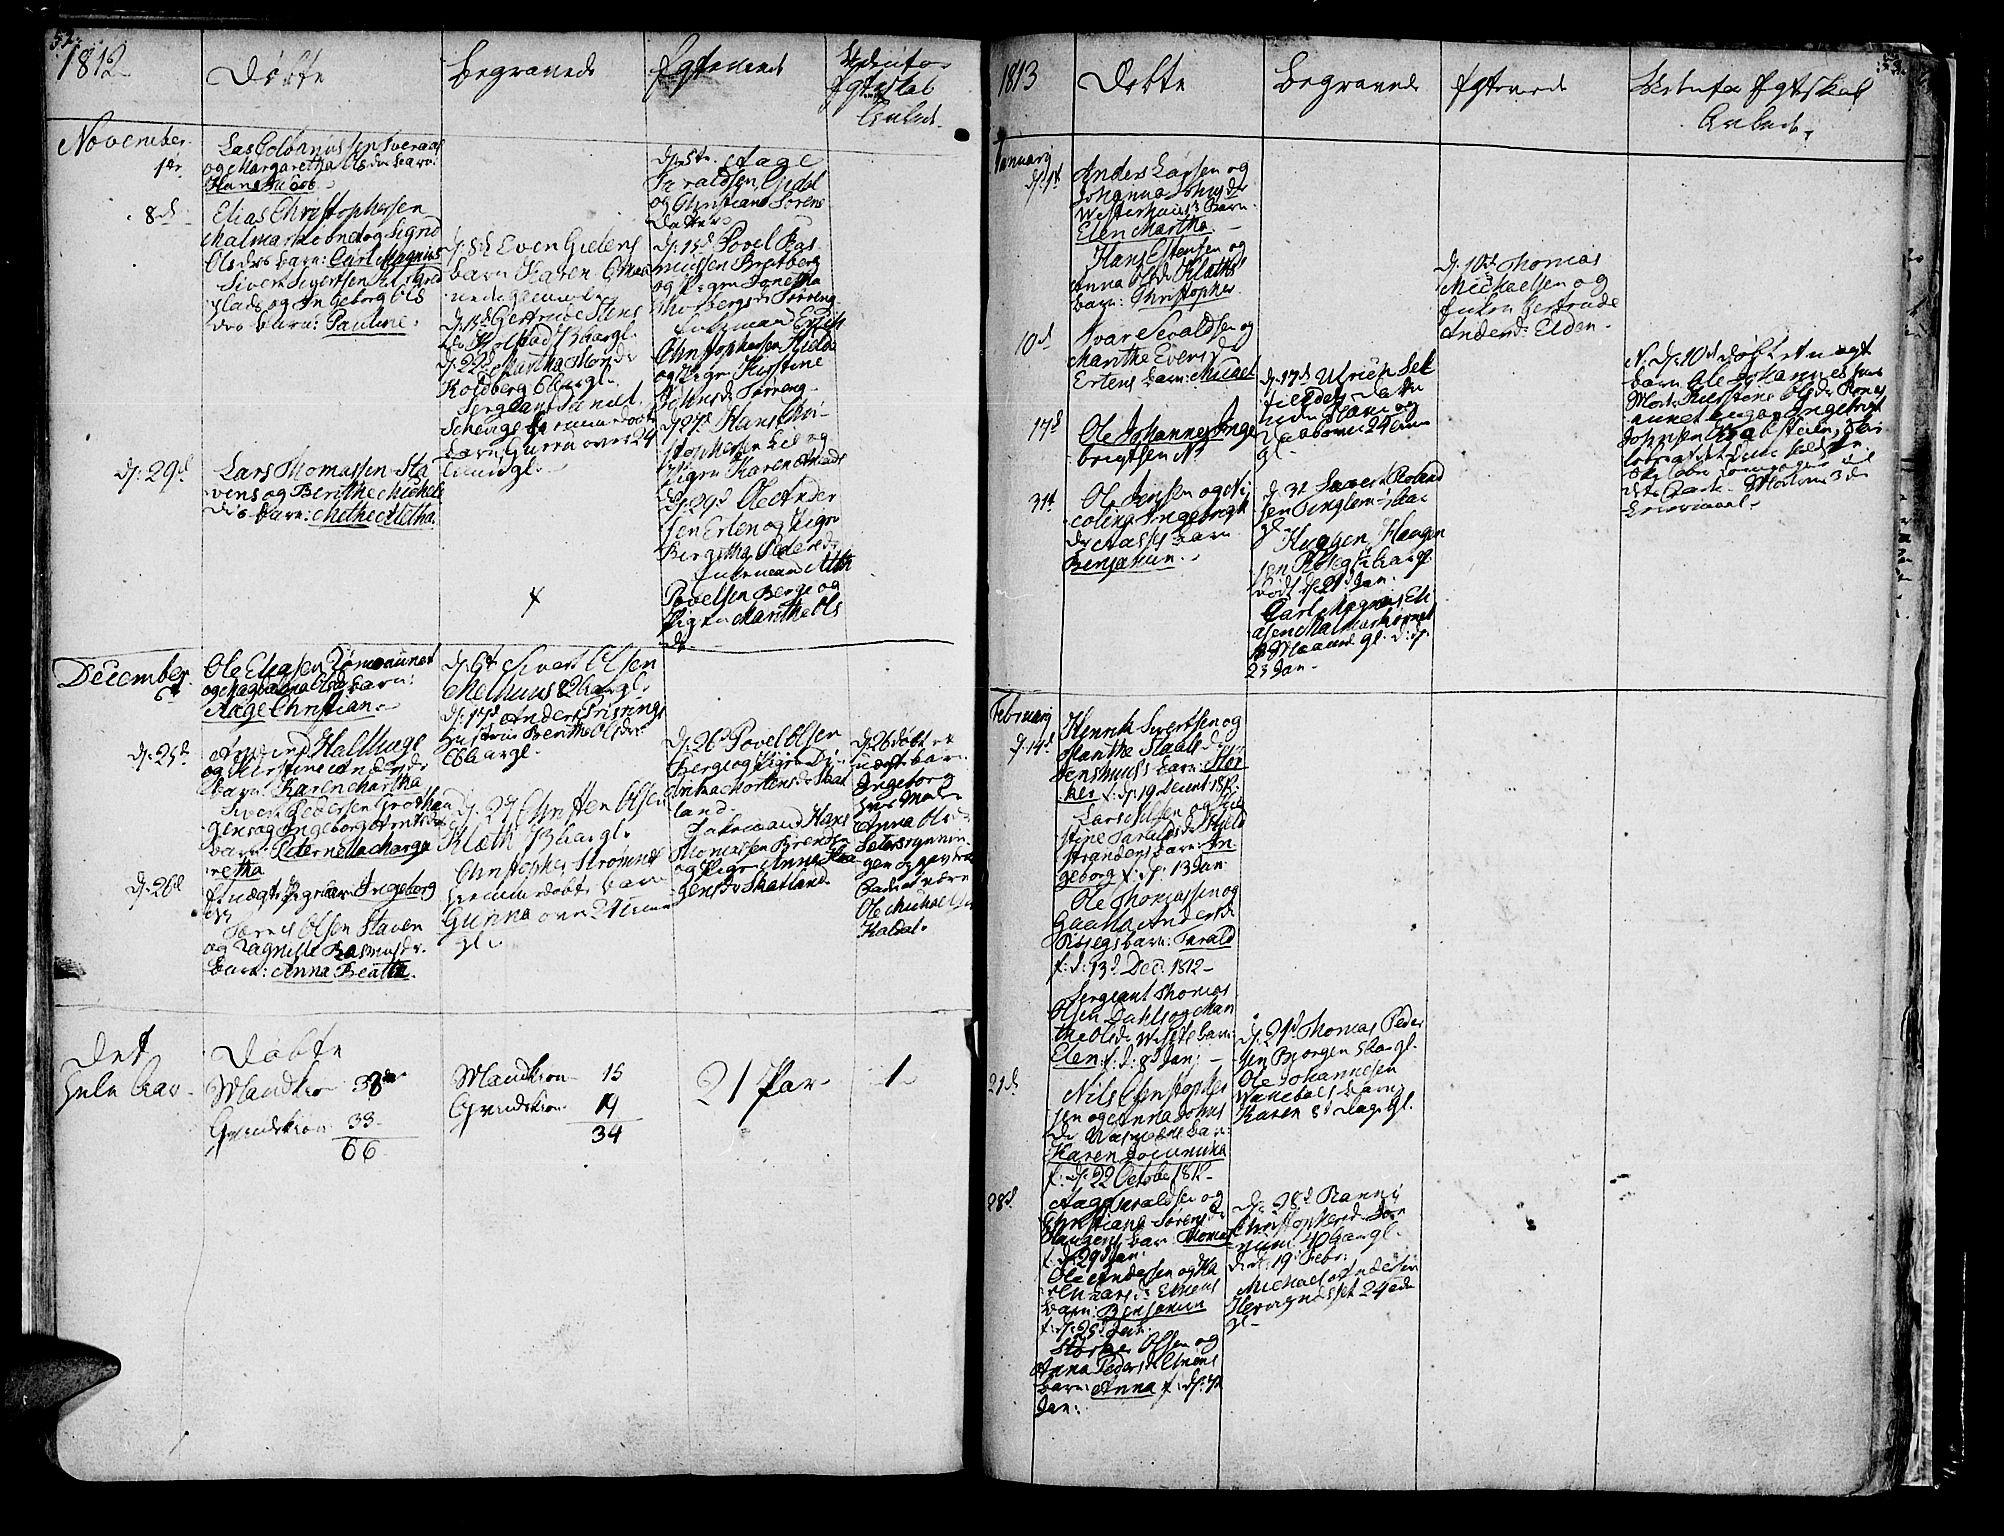 SAT, Ministerialprotokoller, klokkerbøker og fødselsregistre - Nord-Trøndelag, 741/L0386: Ministerialbok nr. 741A02, 1804-1816, s. 52-53